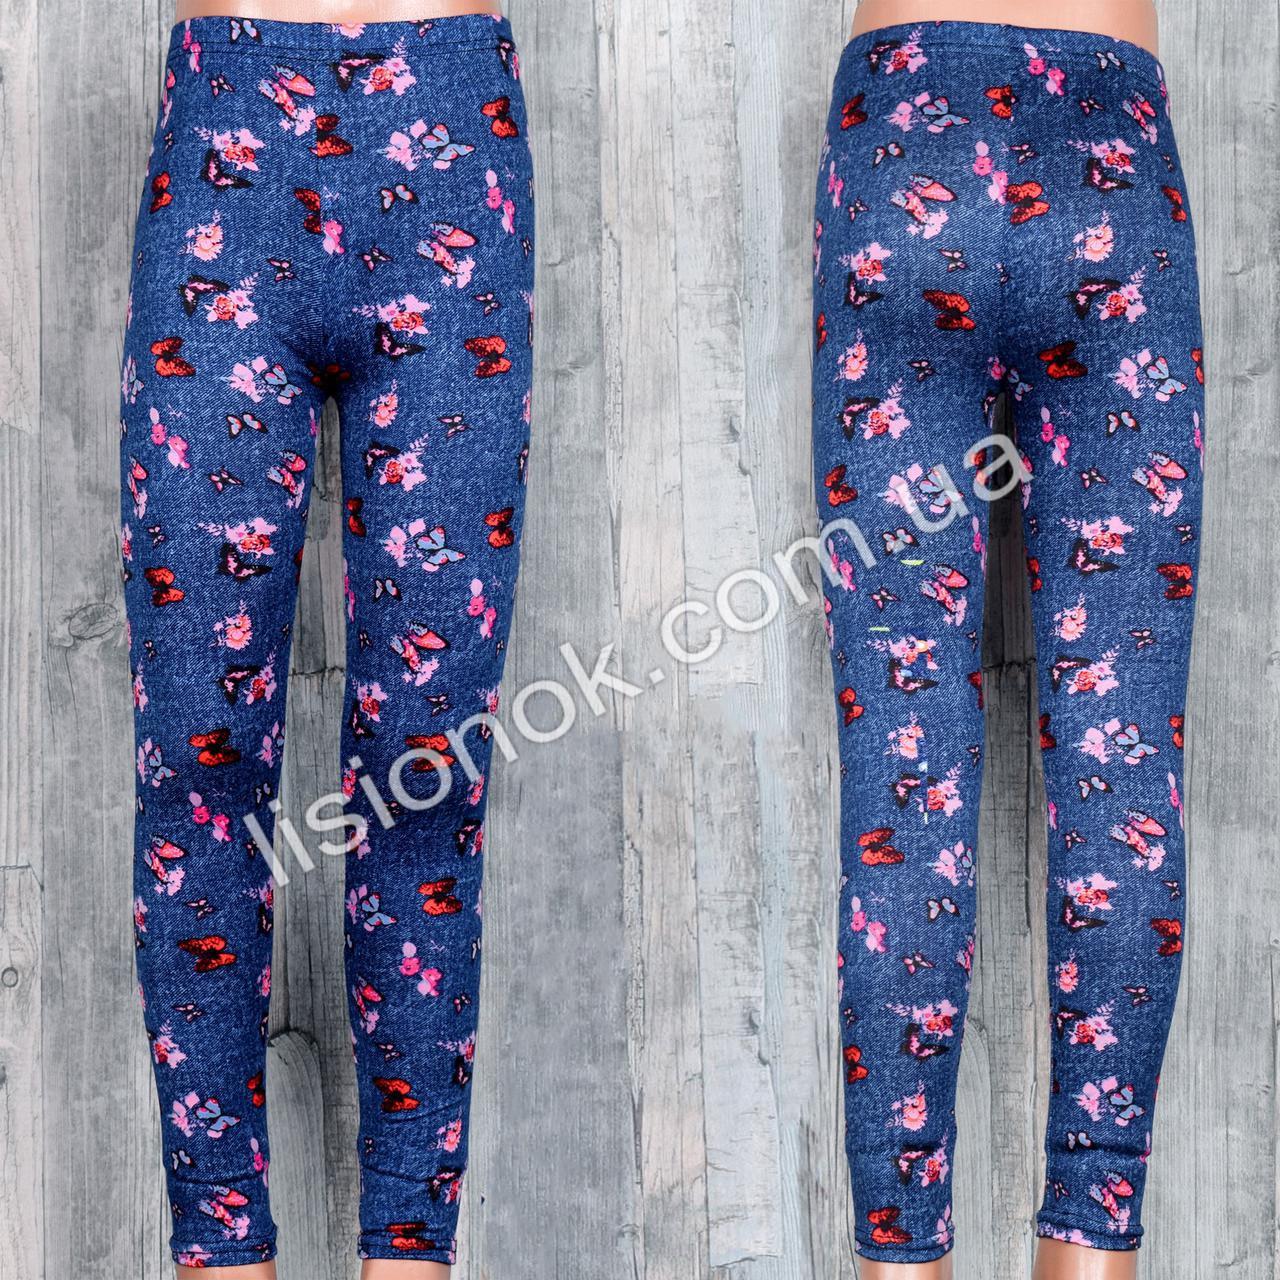 Тонкие хлопковые лосины под джинс для девочек на лето отличного качества, рисунок бабочки